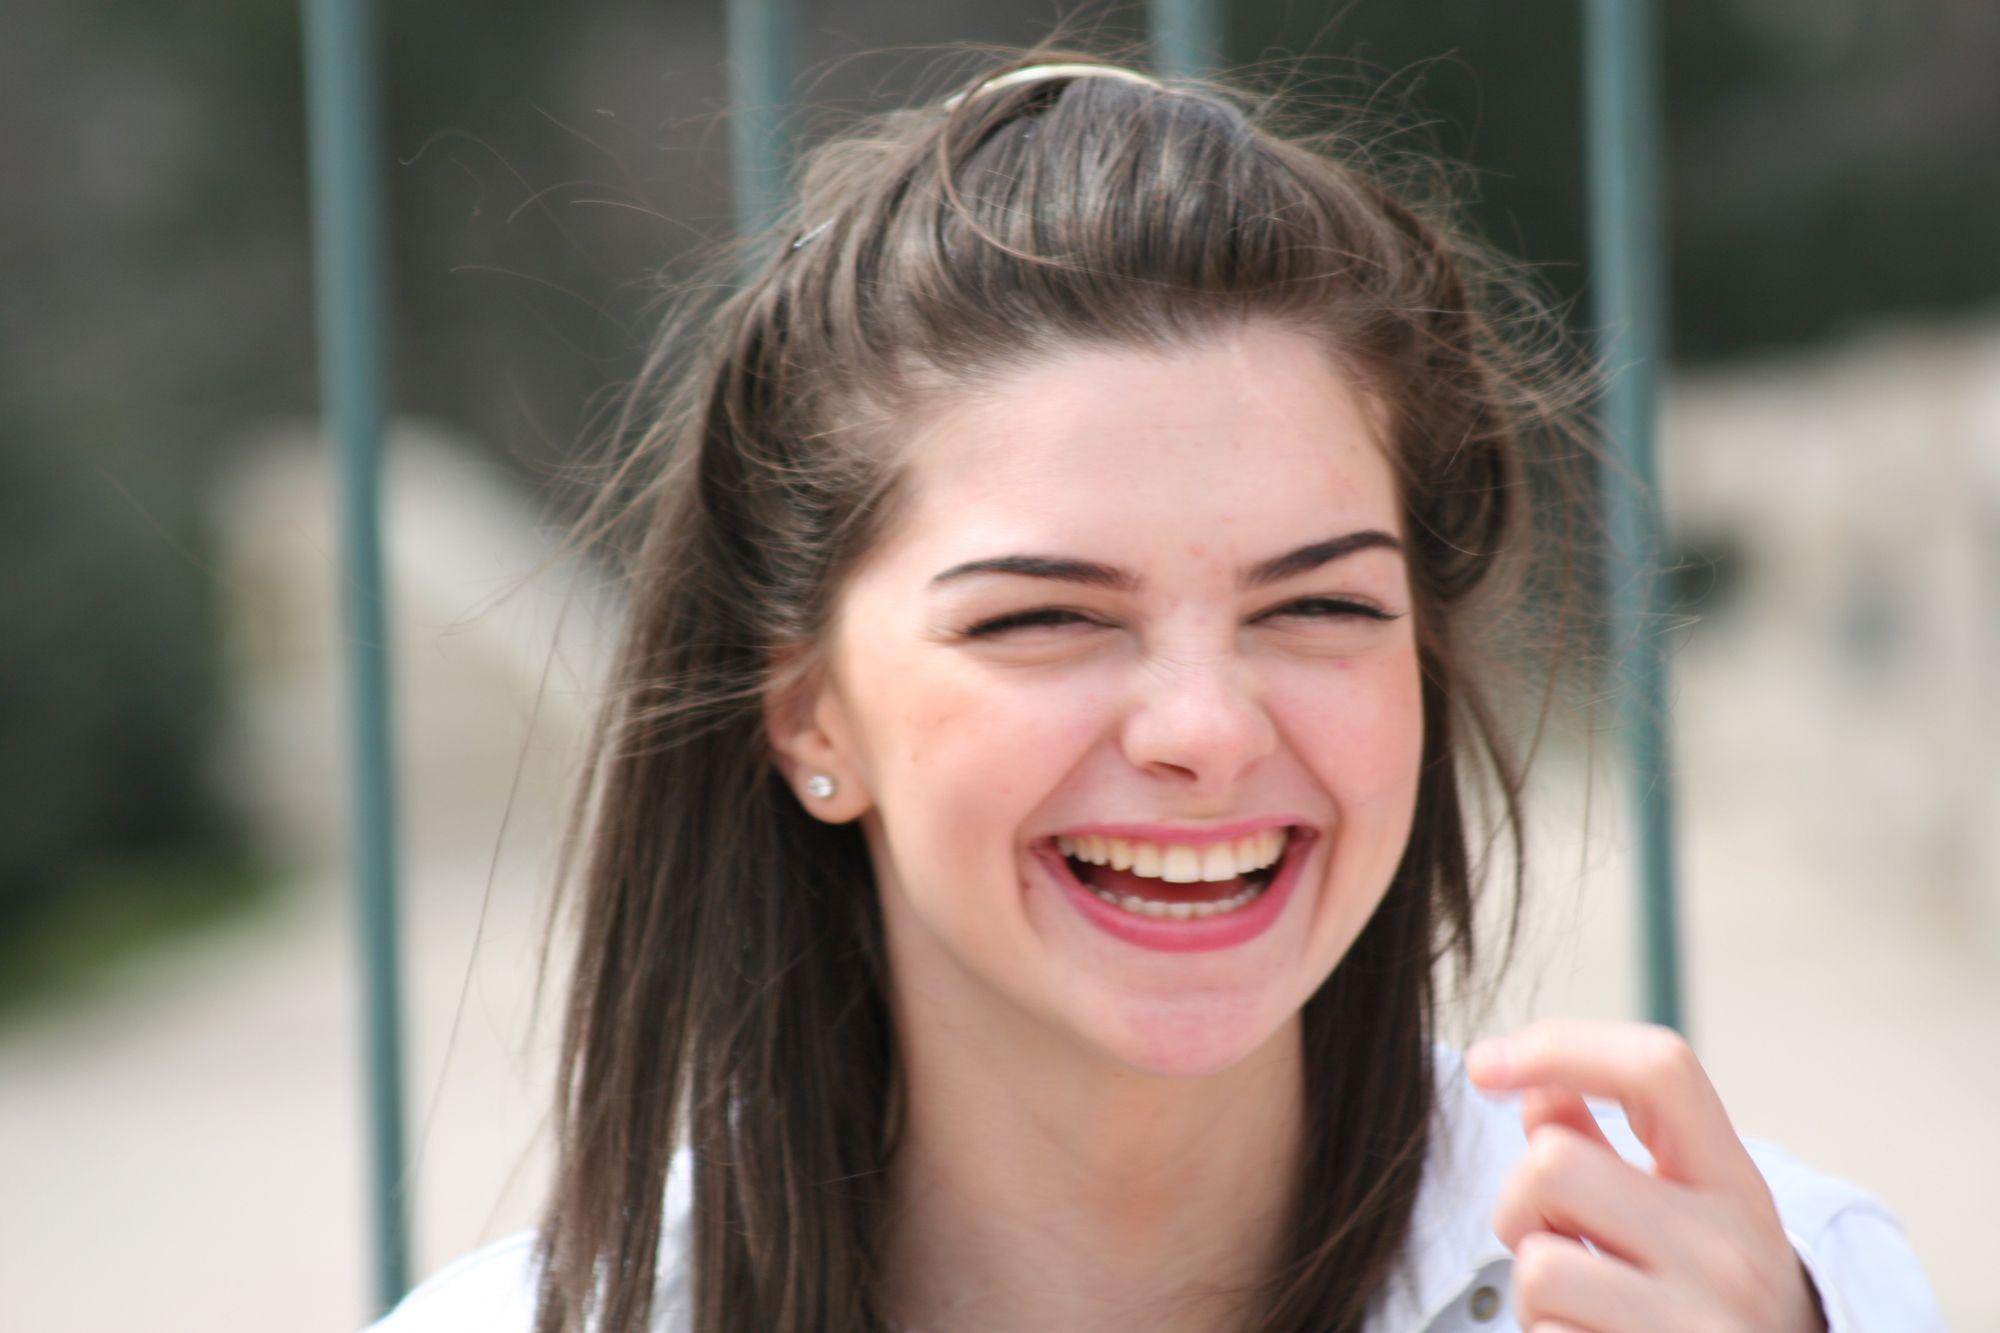 بالصور صور بنت تضحك , اجمل صورة لفتاة ضاحكة 2134 2